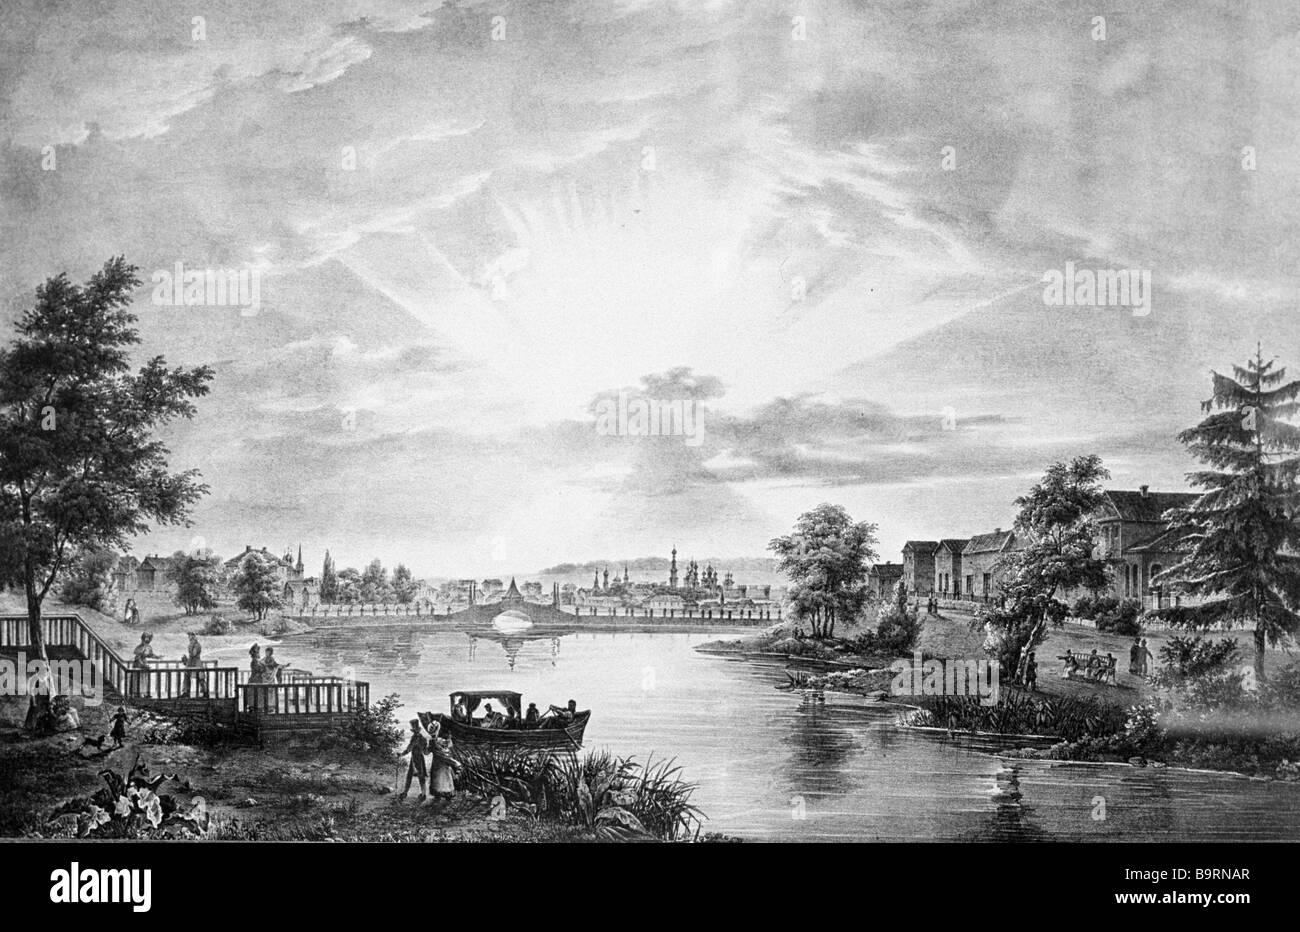 Mosca Presnya stagni litografia da Antoine Cadol riproduzione 1825 Immagini Stock